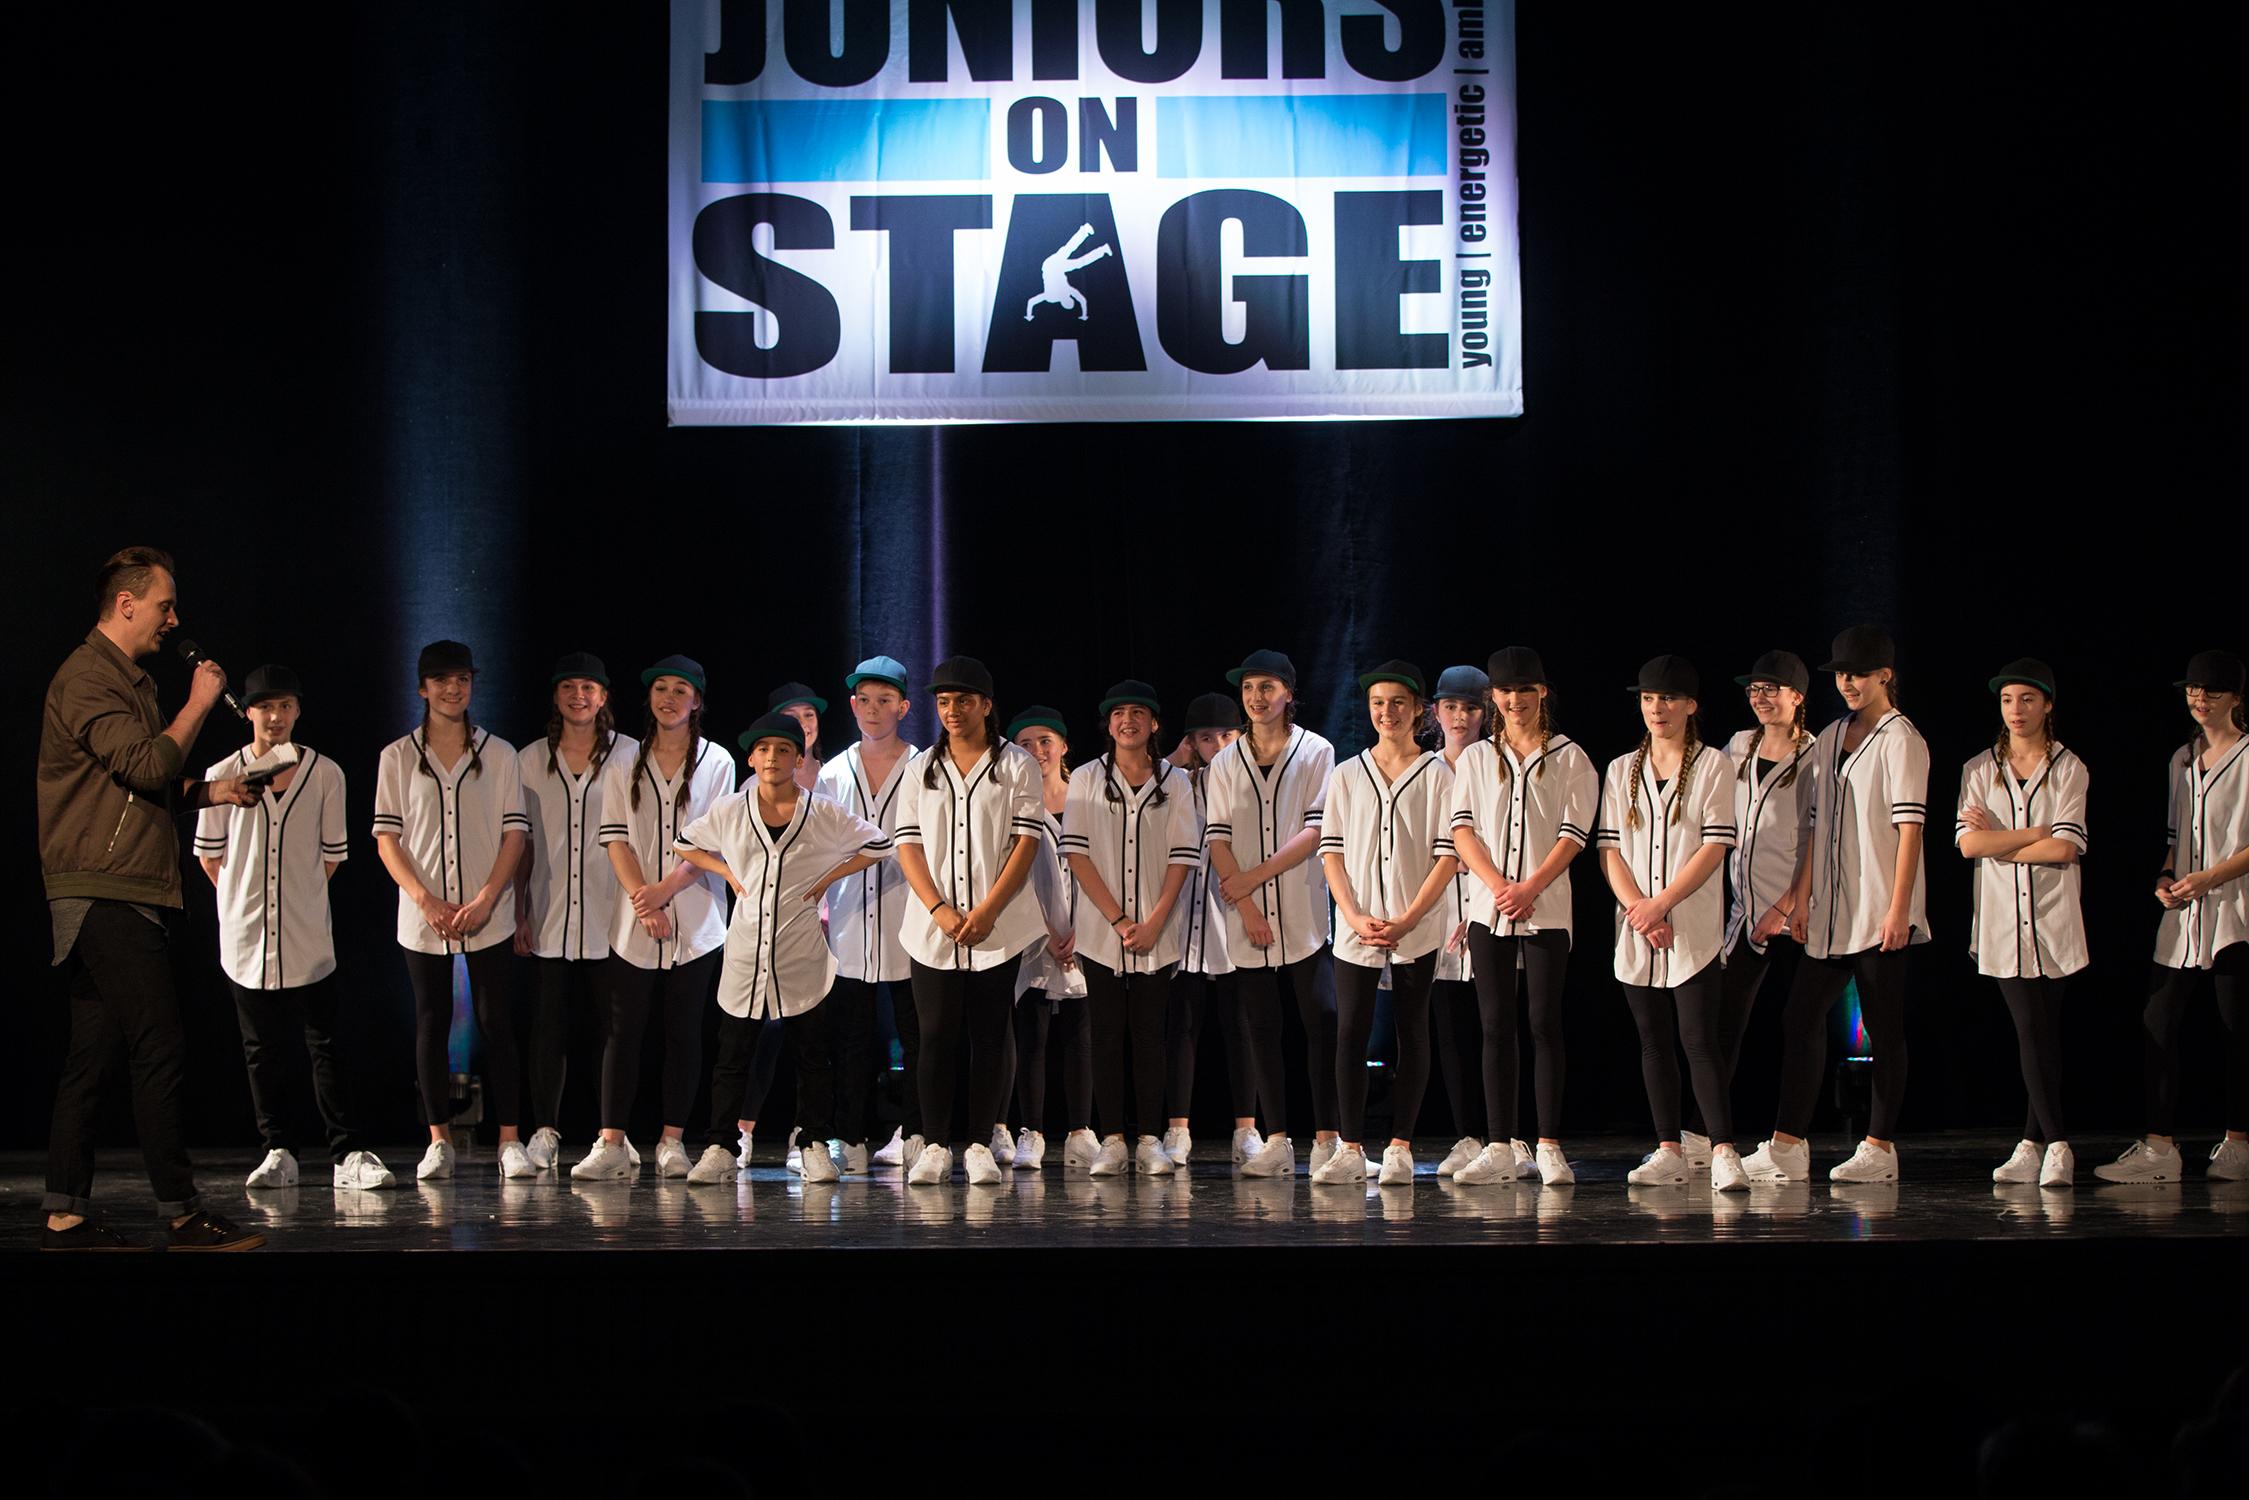 HDFoto-JuniorsOnStage-066